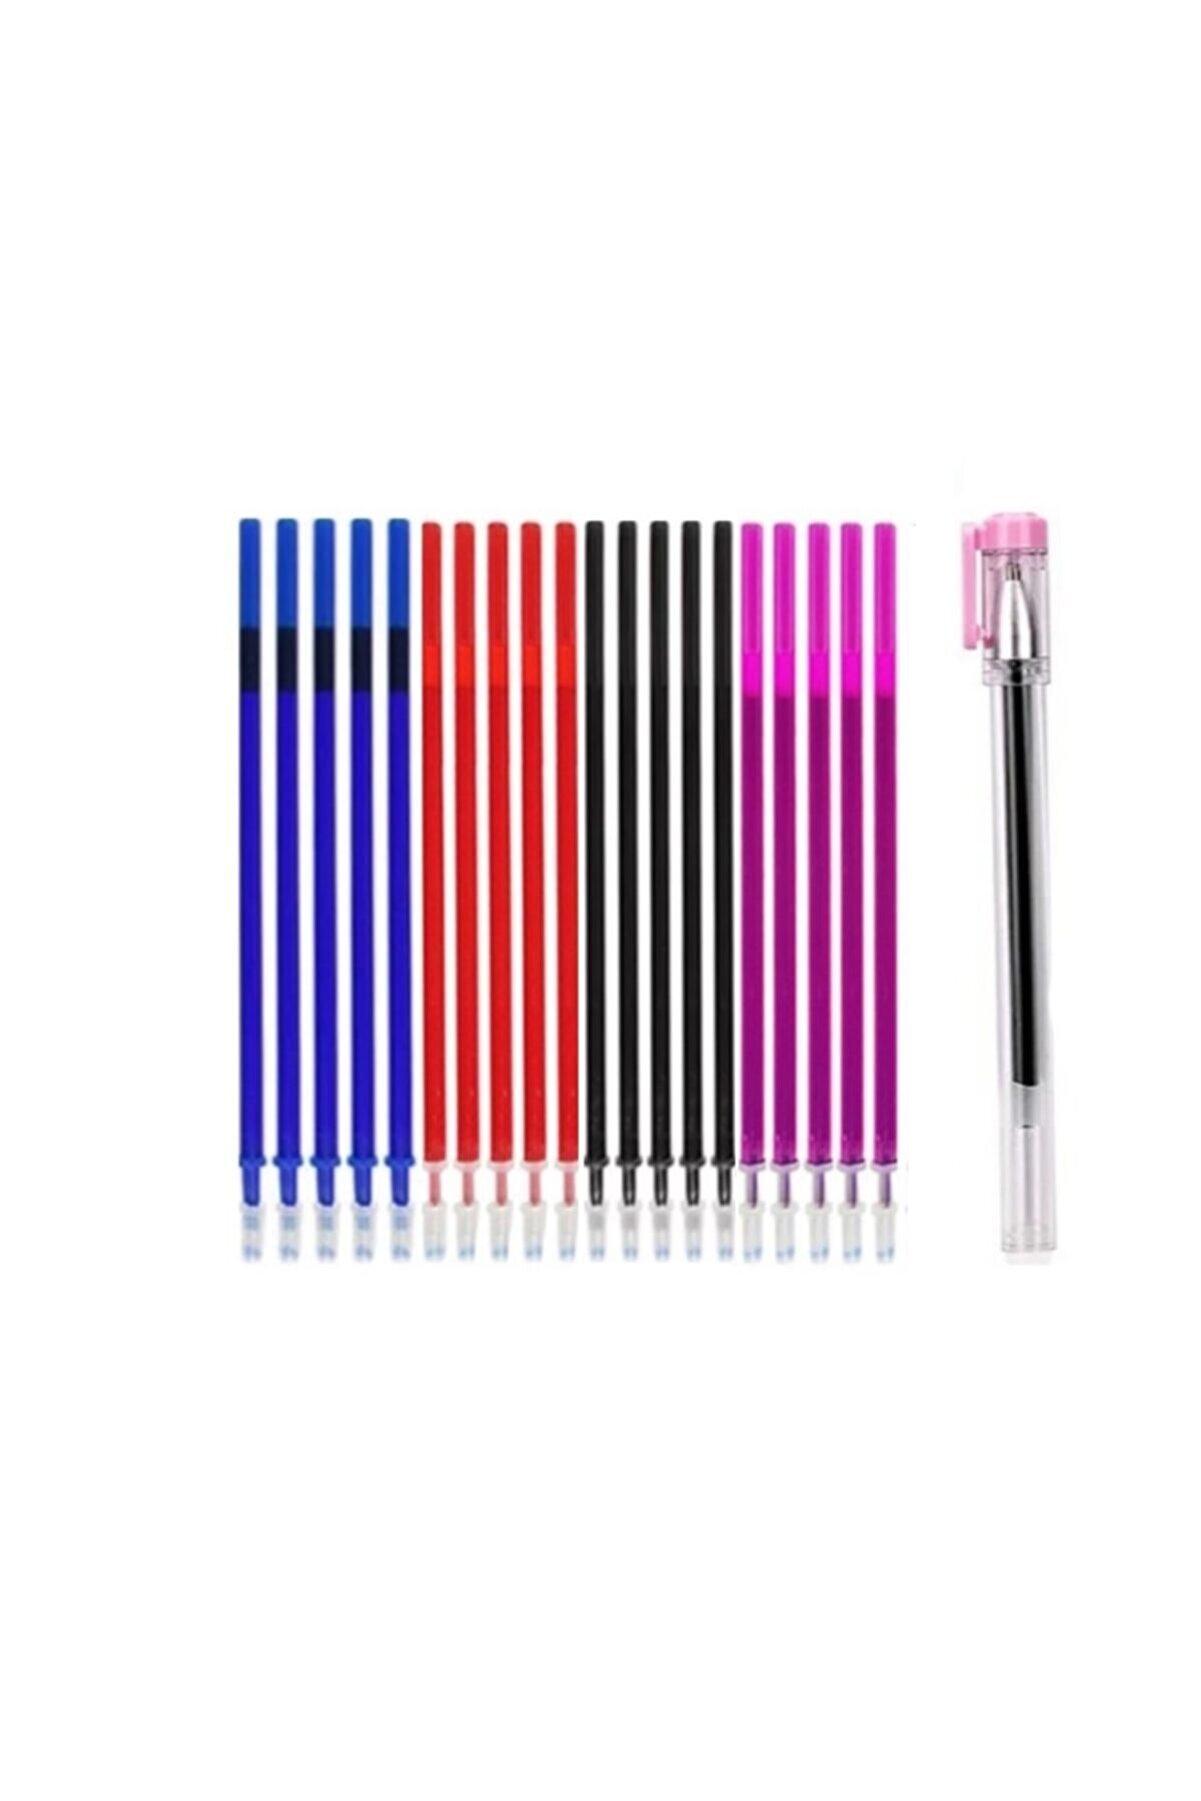 armex Isı Ve Ütü Ile Silinen Uçan Kalem 1 Adet Ve 25 Adet Kalem Içi 4 Renk 0.5 Mm Iğne Uçlu